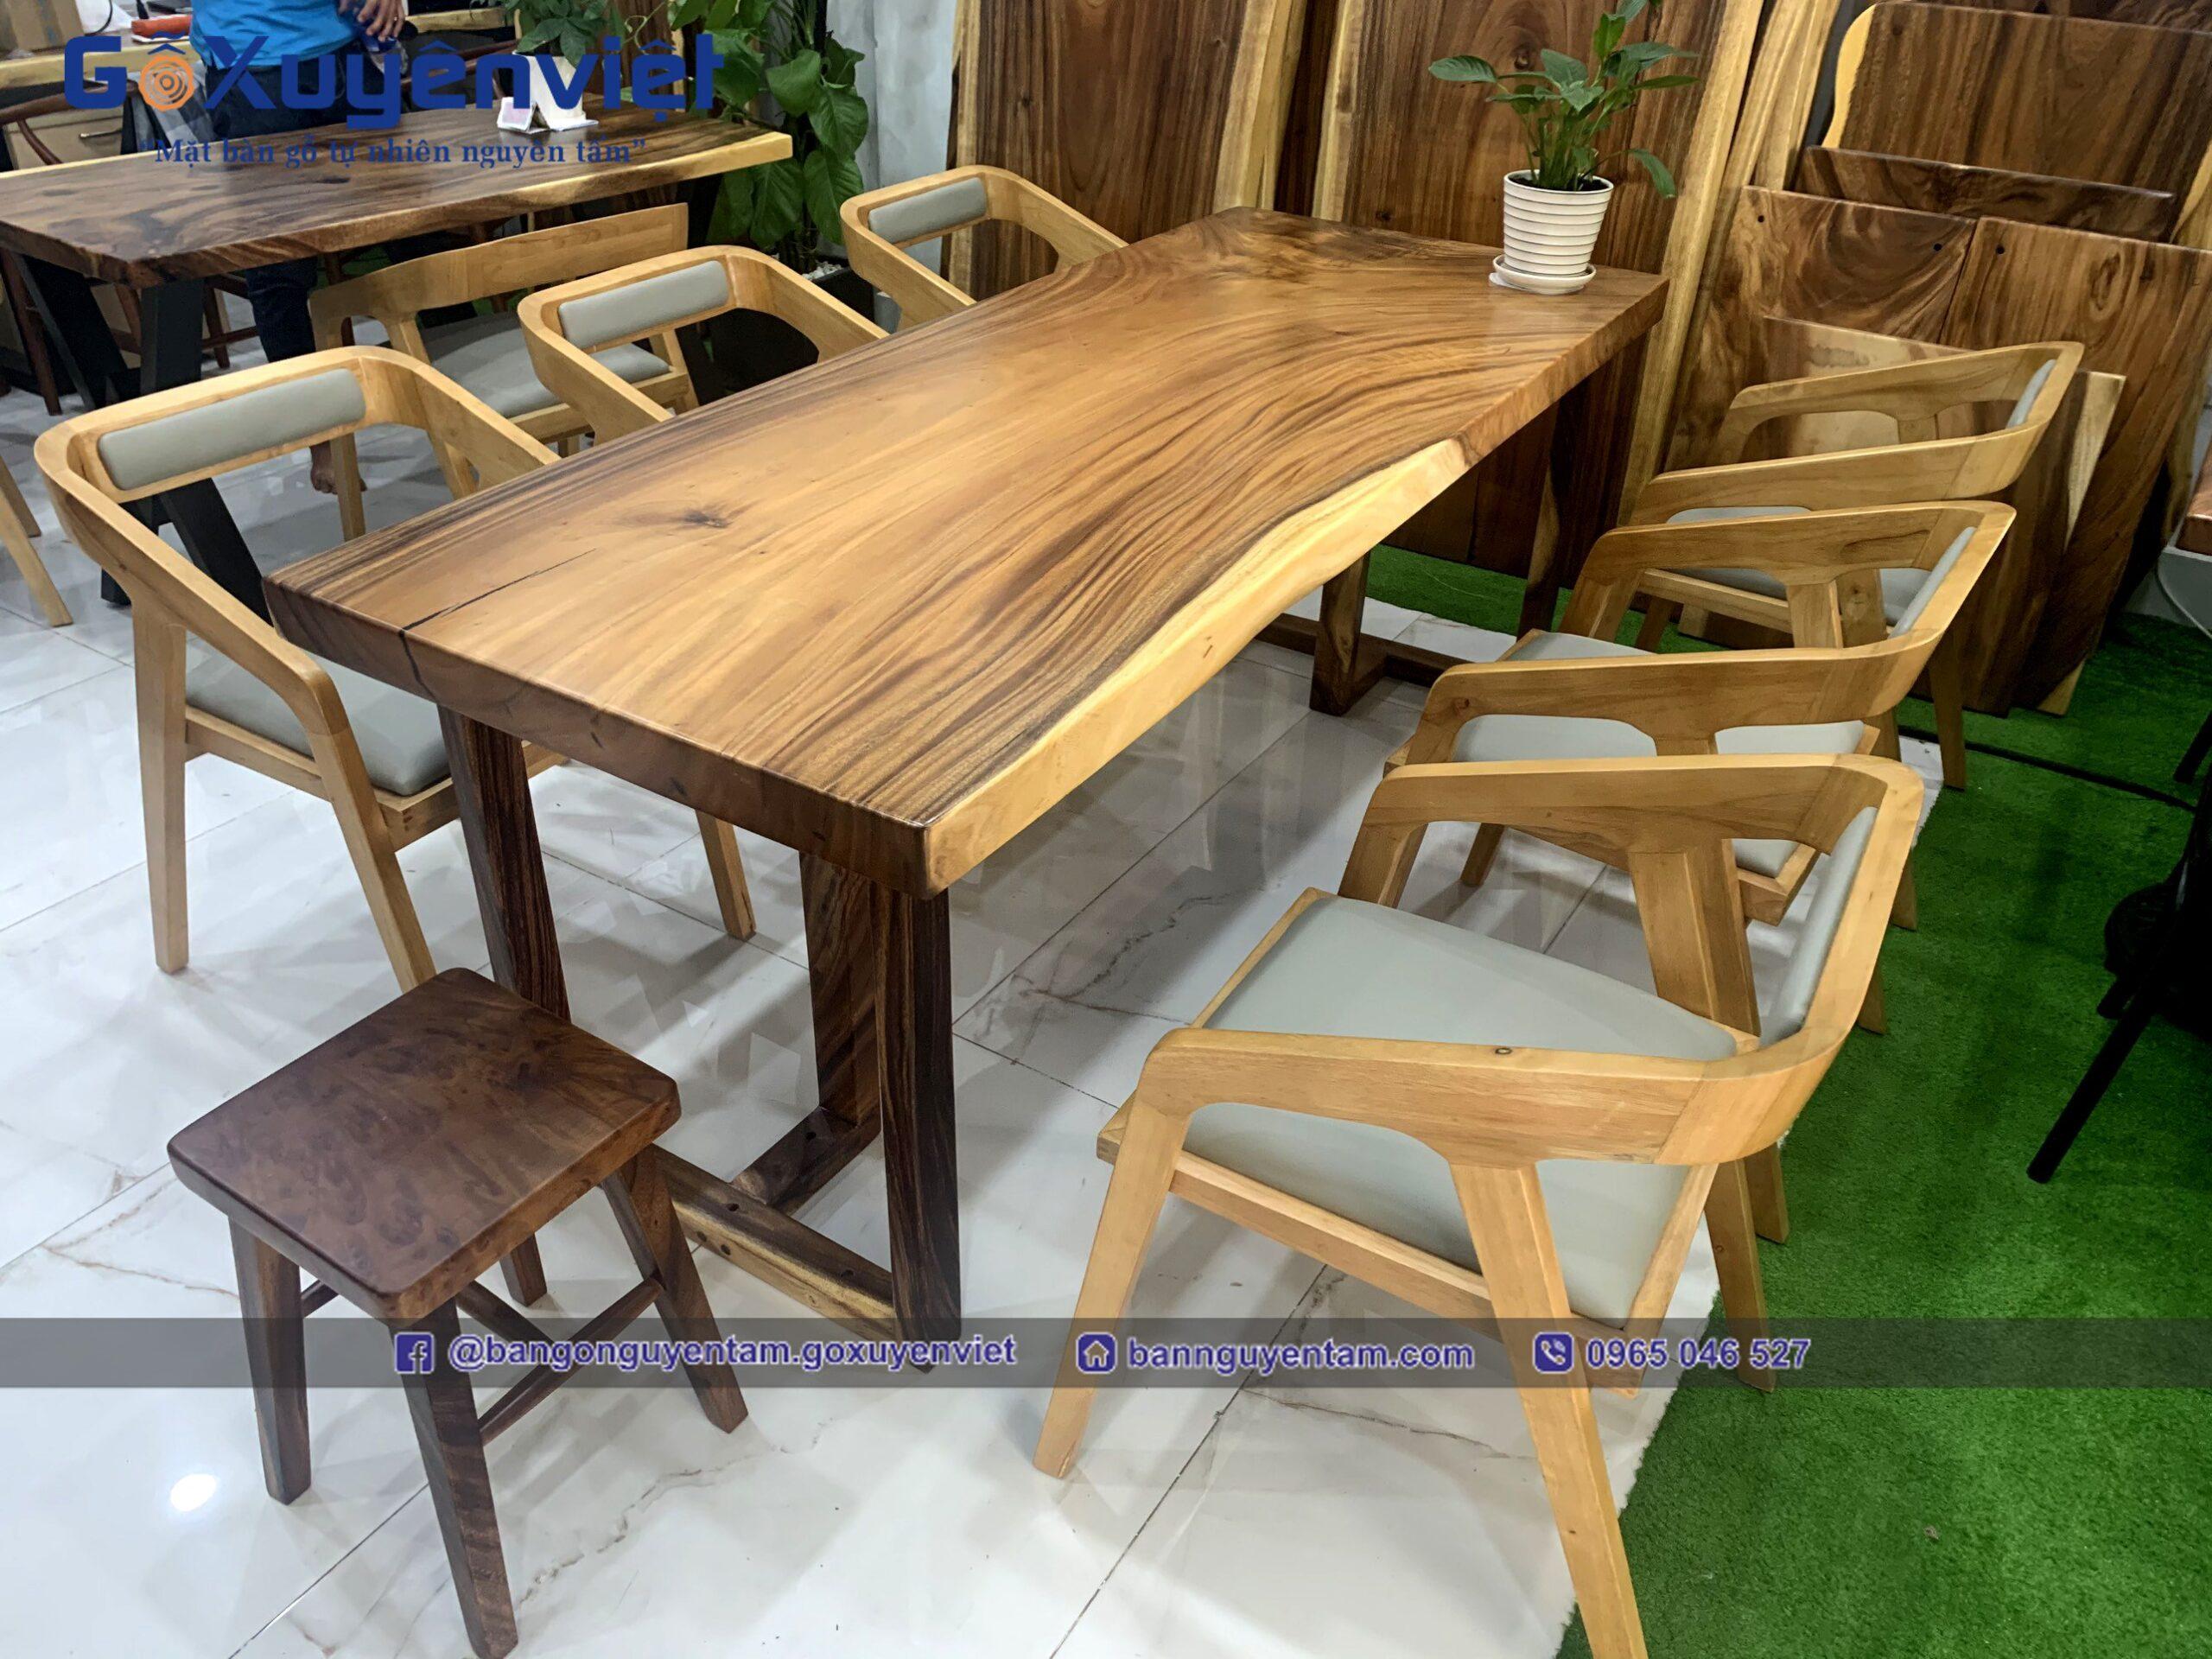 bàn ghế gỗ me tây nguyên tấm